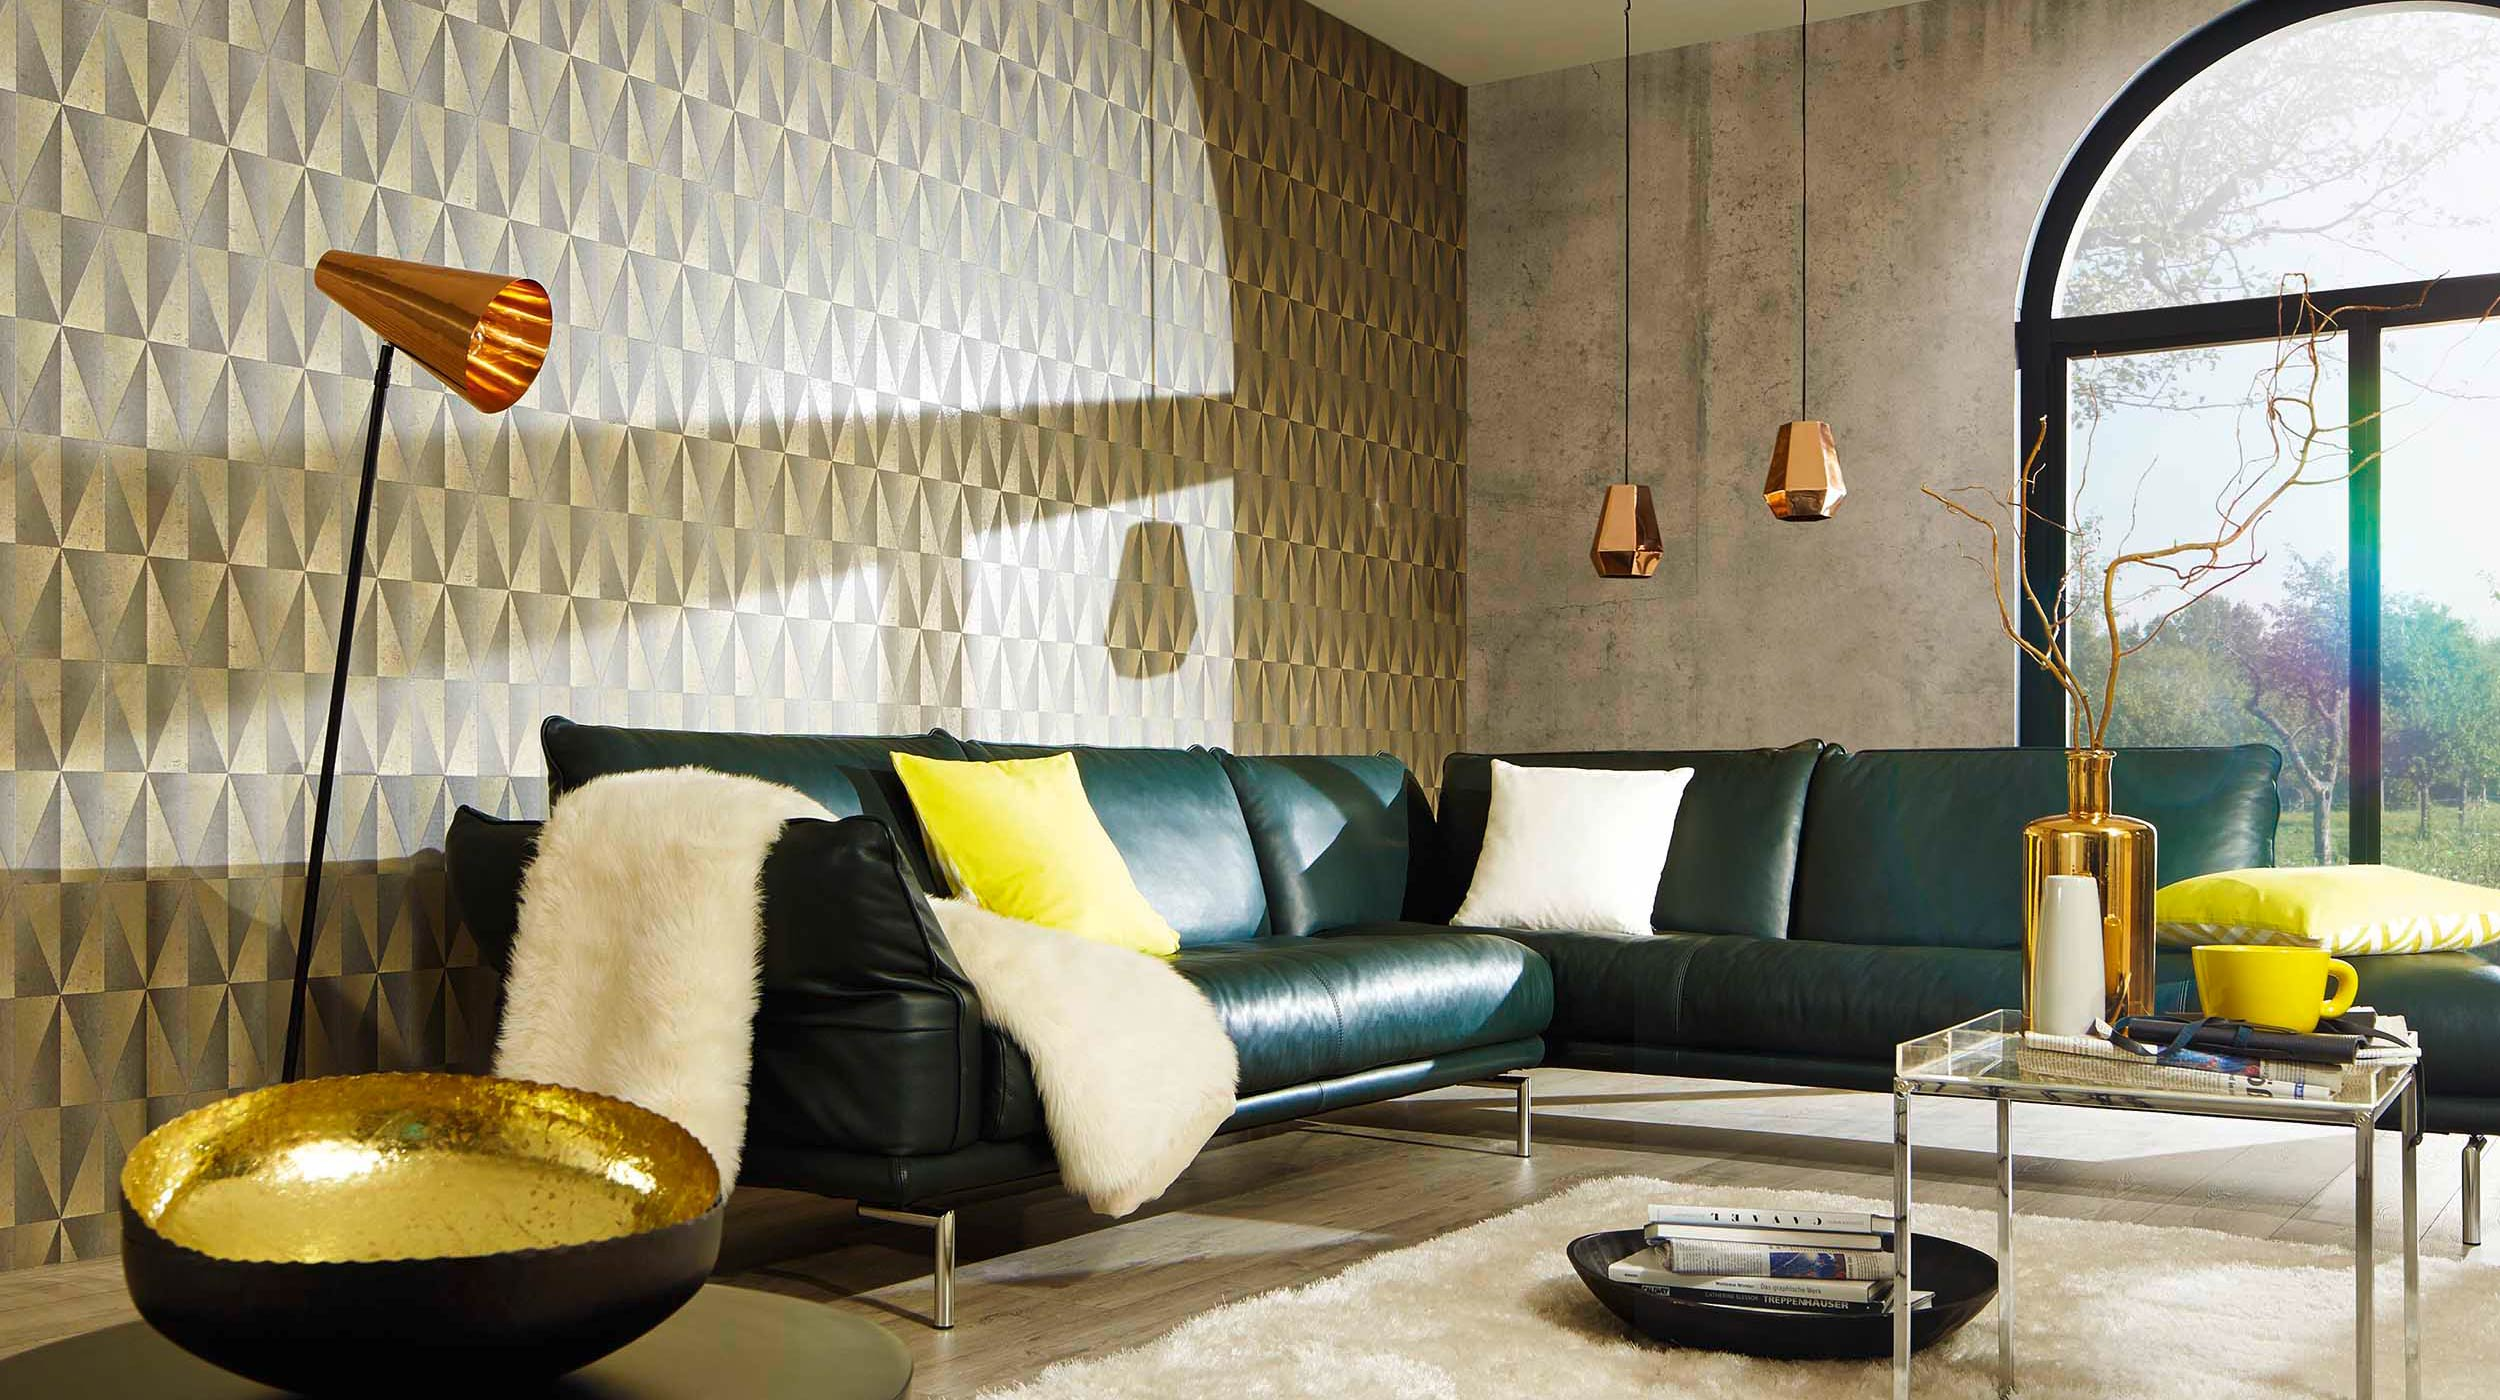 Aktuelle trend kollektion fame erismann cie gmbh for Aktuelle wohnzimmer trends